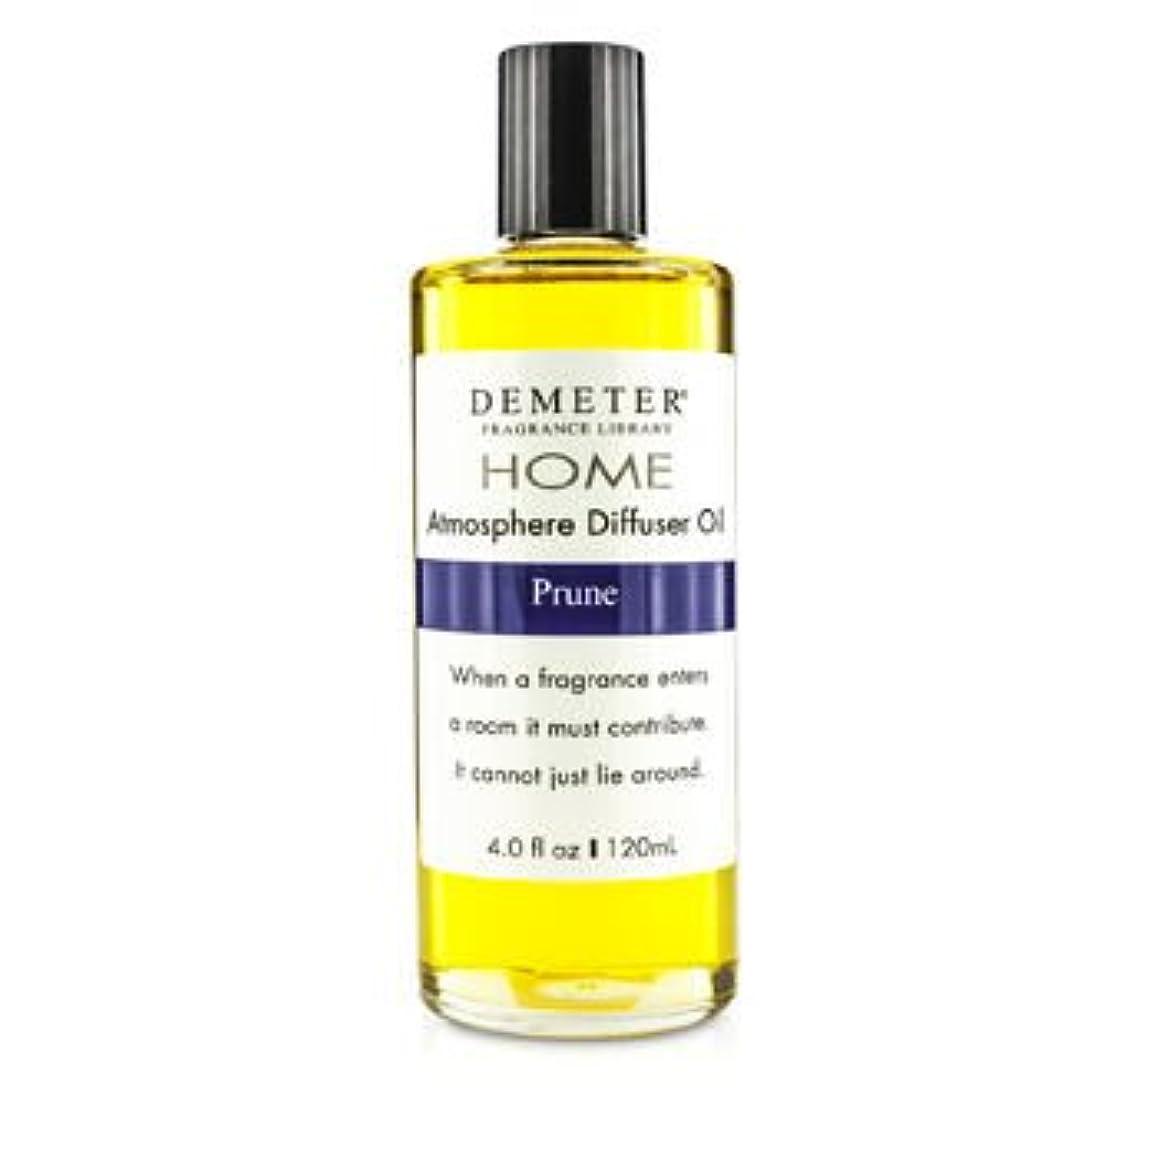 ブレーク公平ペースト[Demeter] Atmosphere Diffuser Oil - Prune 120ml/4oz